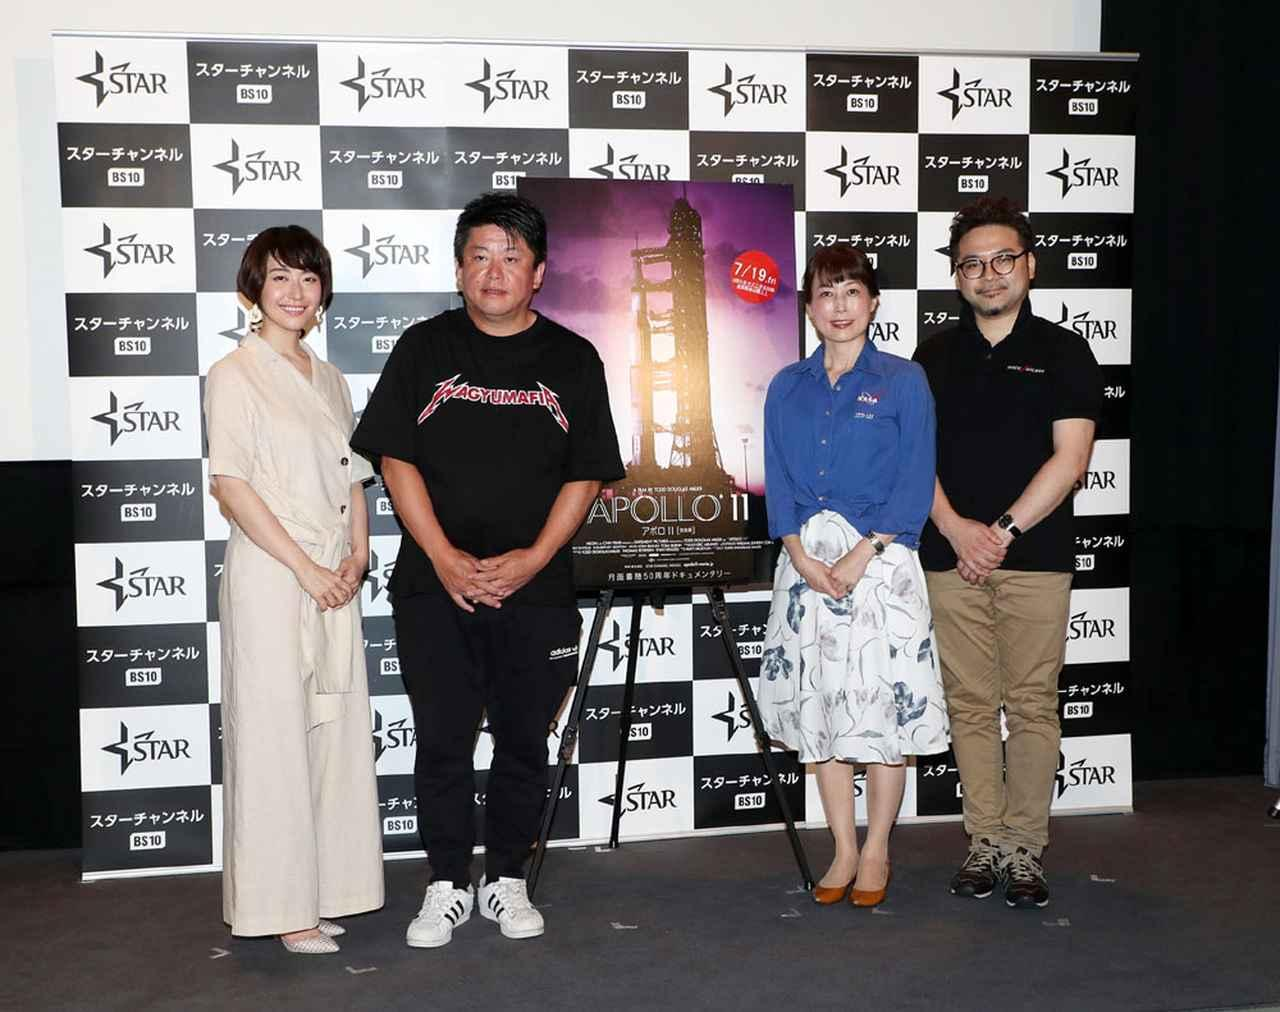 画像: トークショーに登壇した黒田有彩、堀江貴文、山崎直子、眞鍋顕秀(左から)